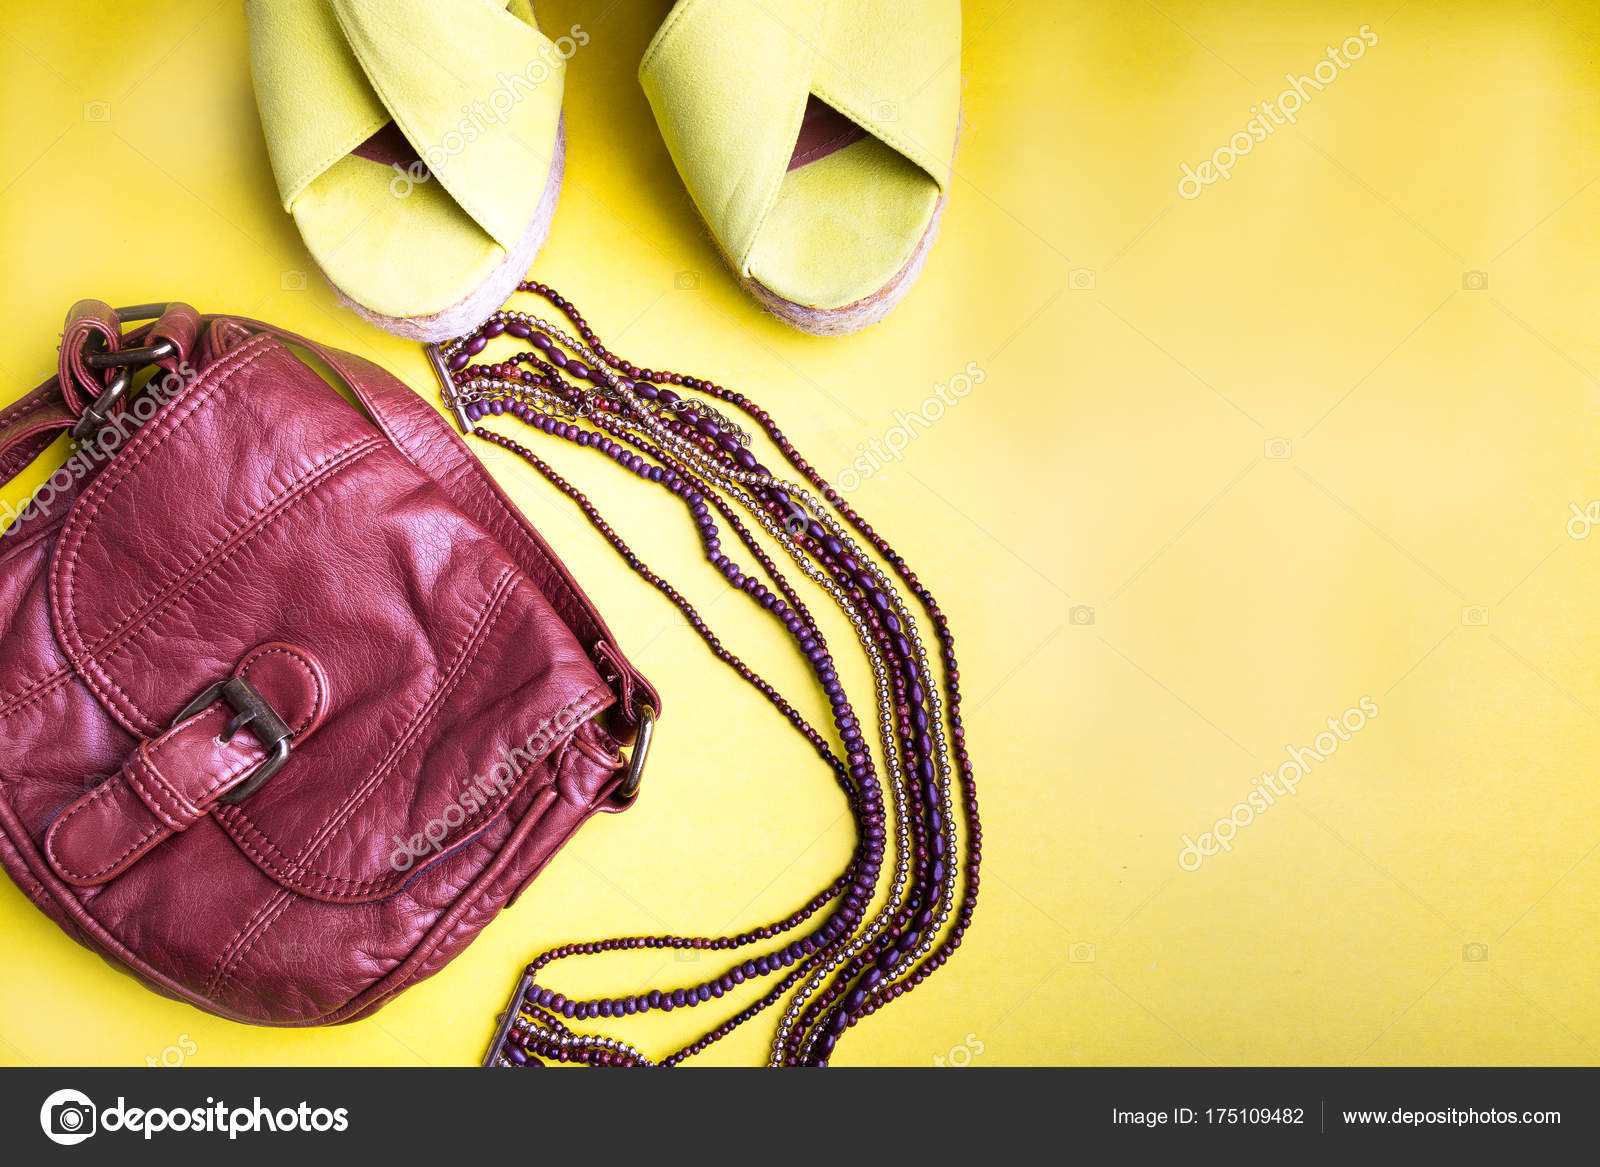 507d1bdbf Conjunto de acessórios de coisas da mulher para a temporada de verão. Bolsa  marrom amarelo plataforma sandálias, colar.